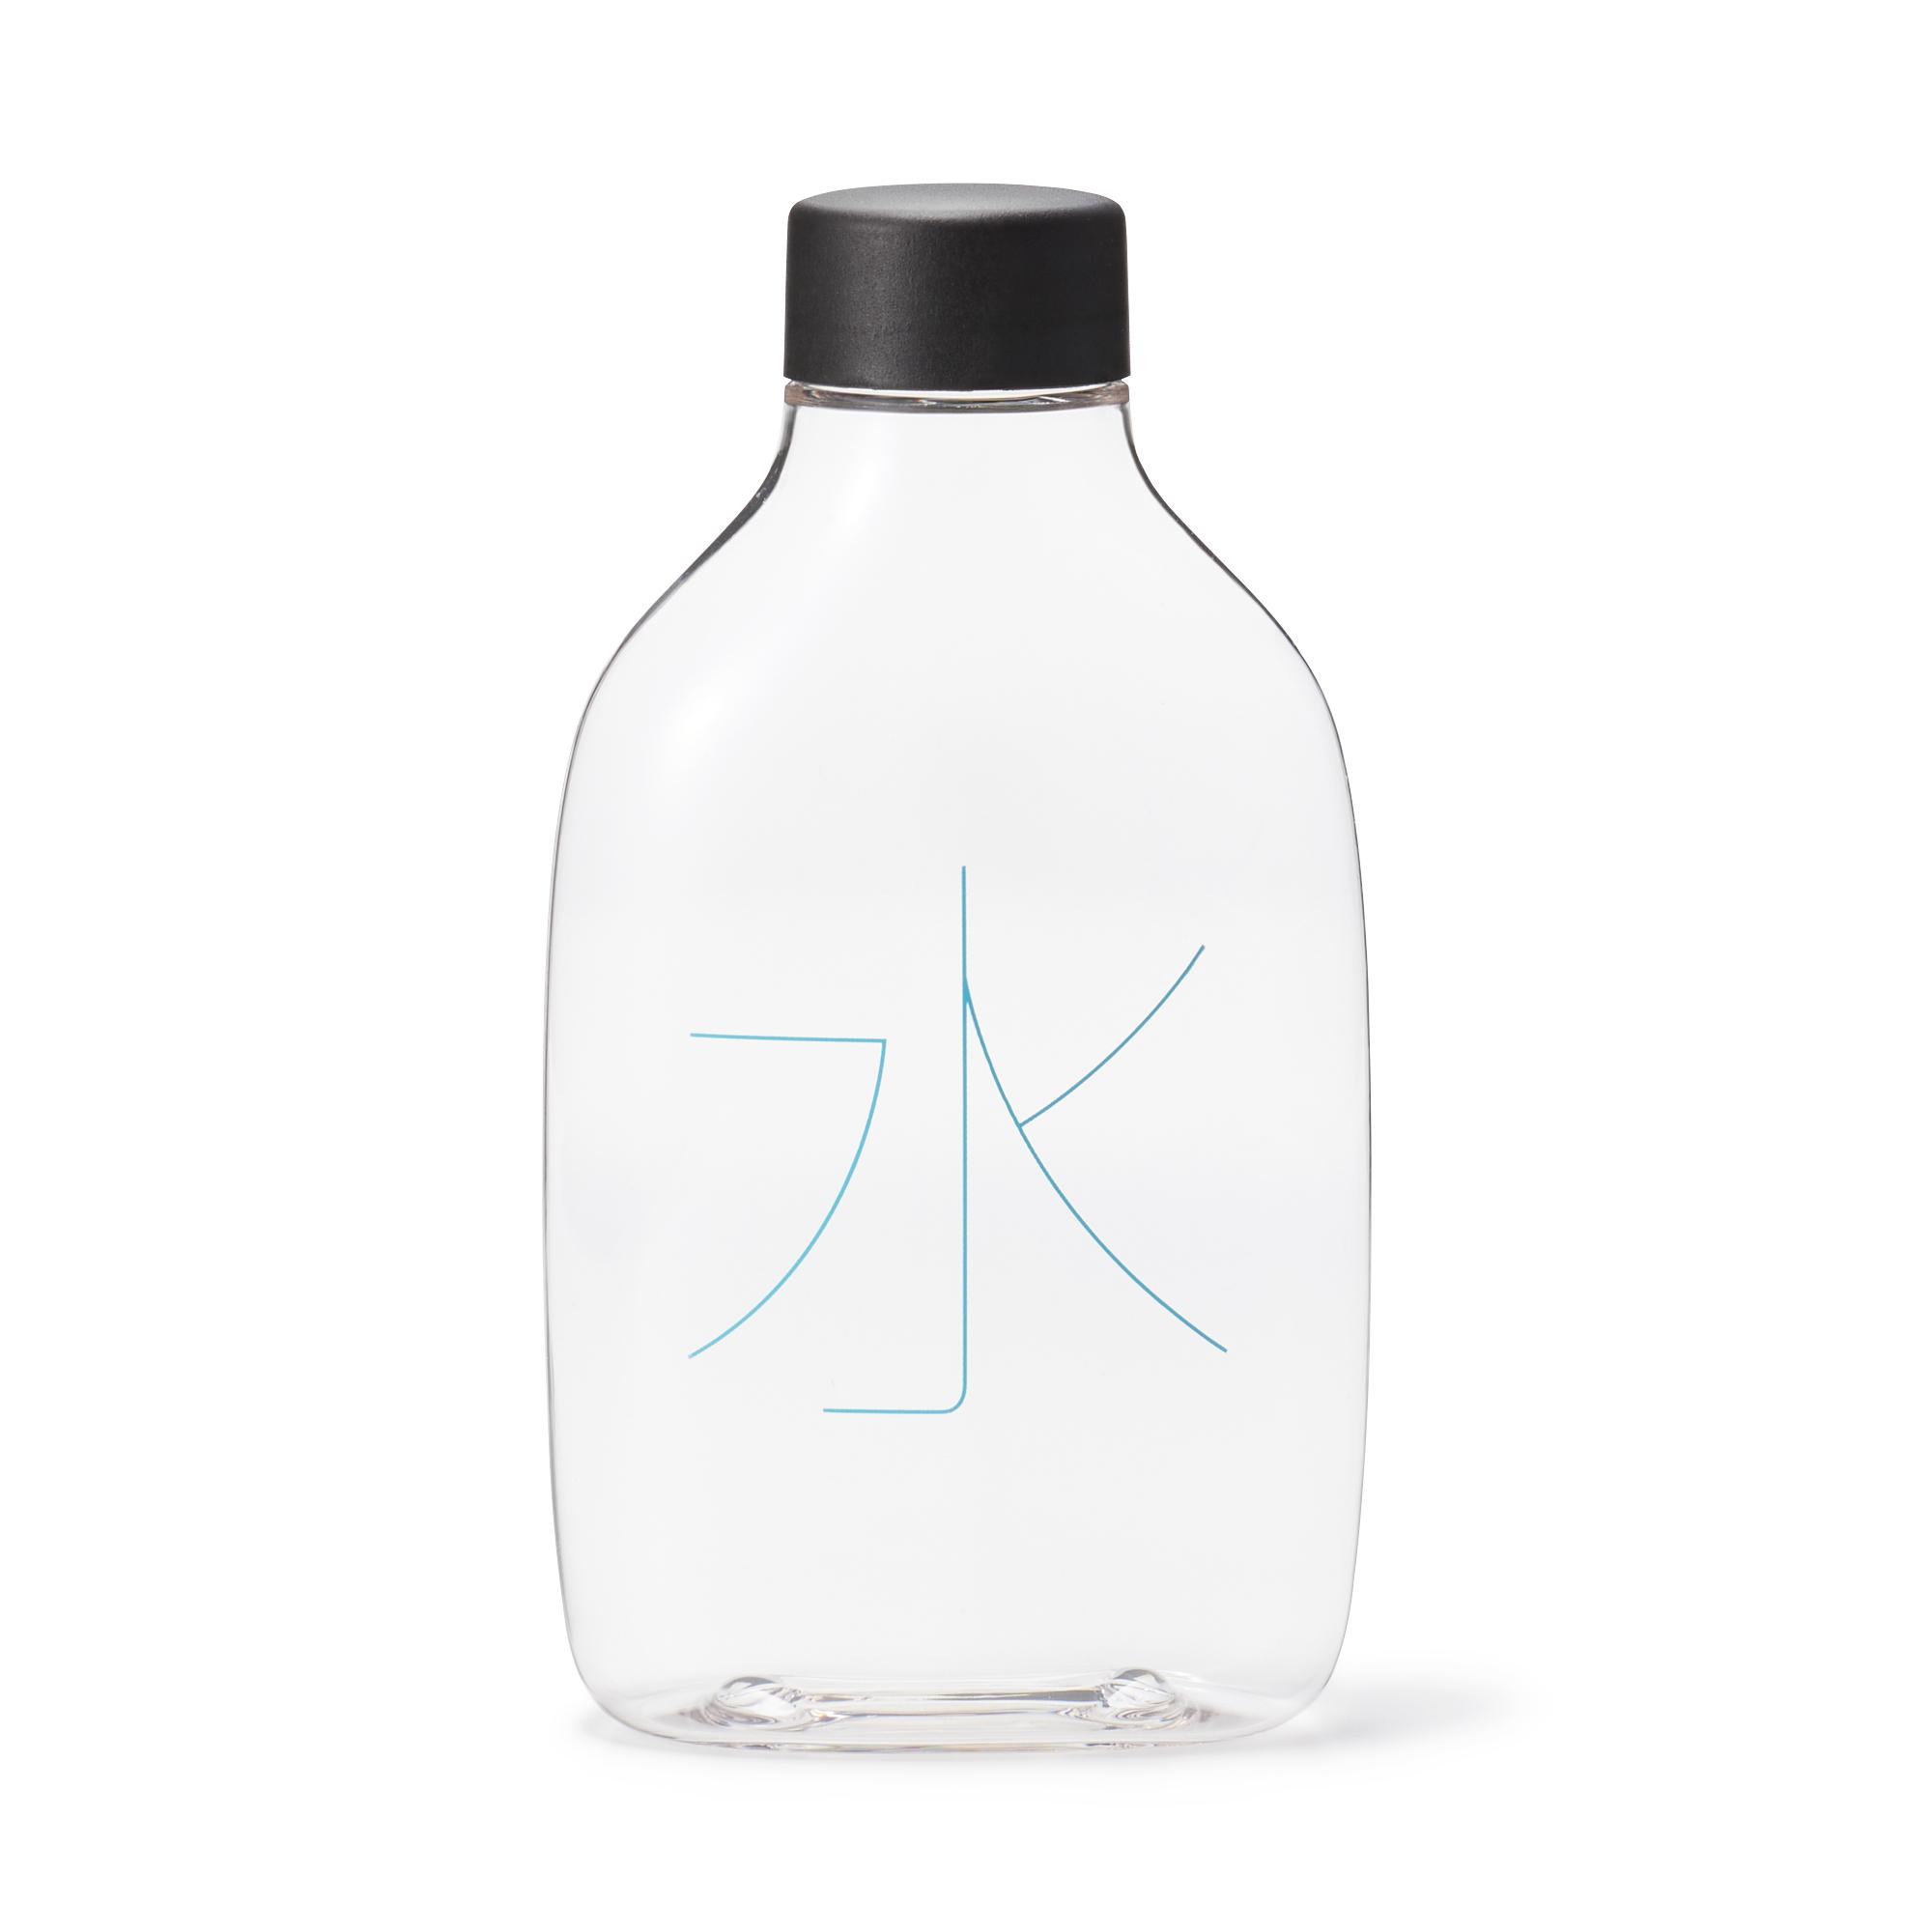 【自由テーマ】「給水サービス」の開始と水のボトルの販売、水のアプリ稼働